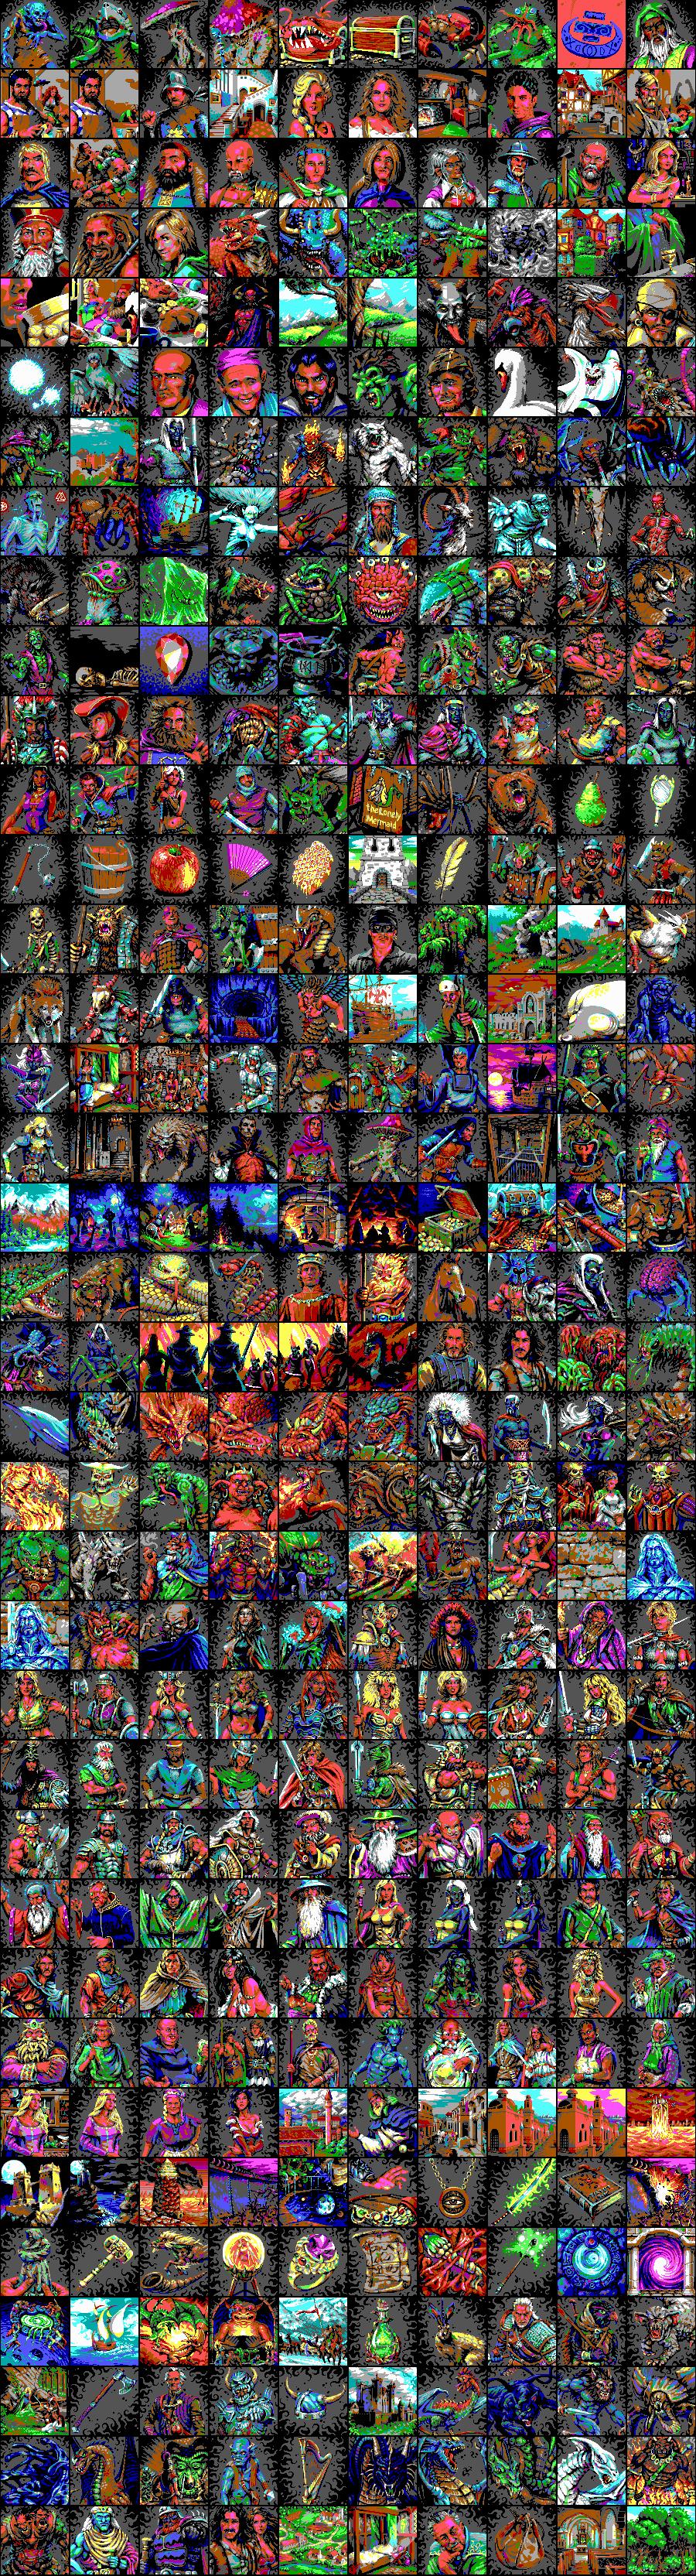 2019 FRUA challenge/pixelart